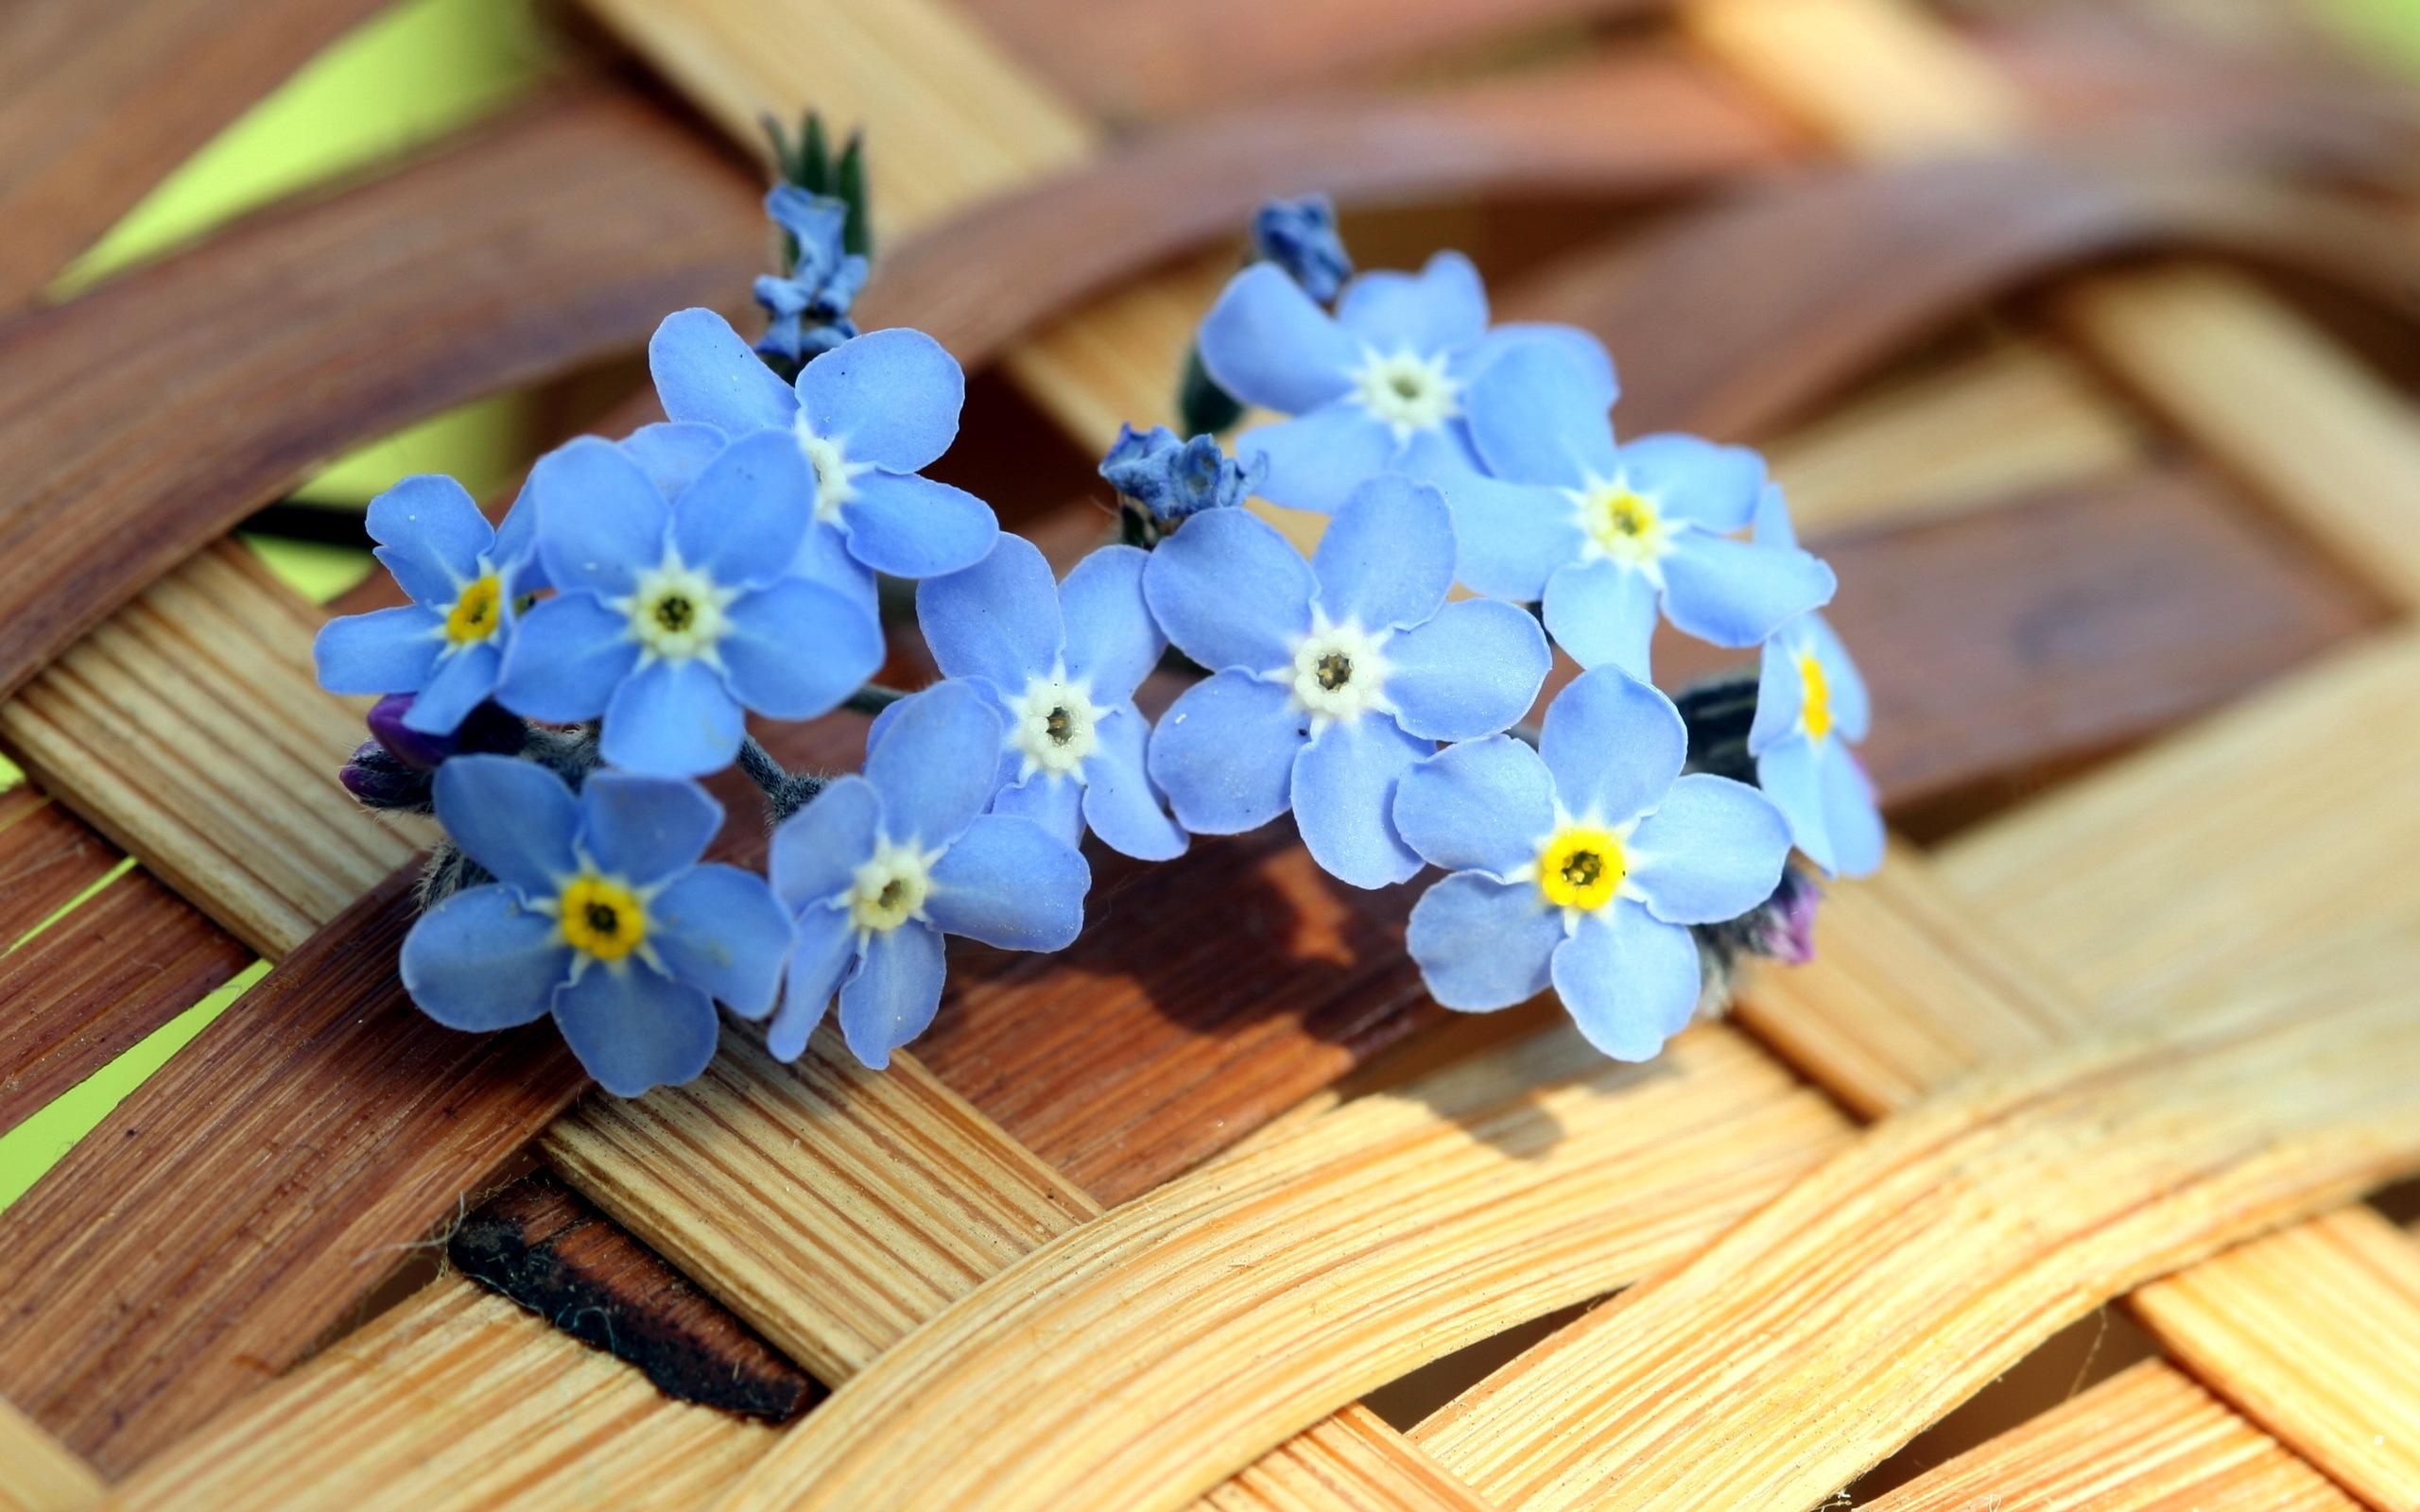 Цветы голубые незабудки  № 1334089 бесплатно